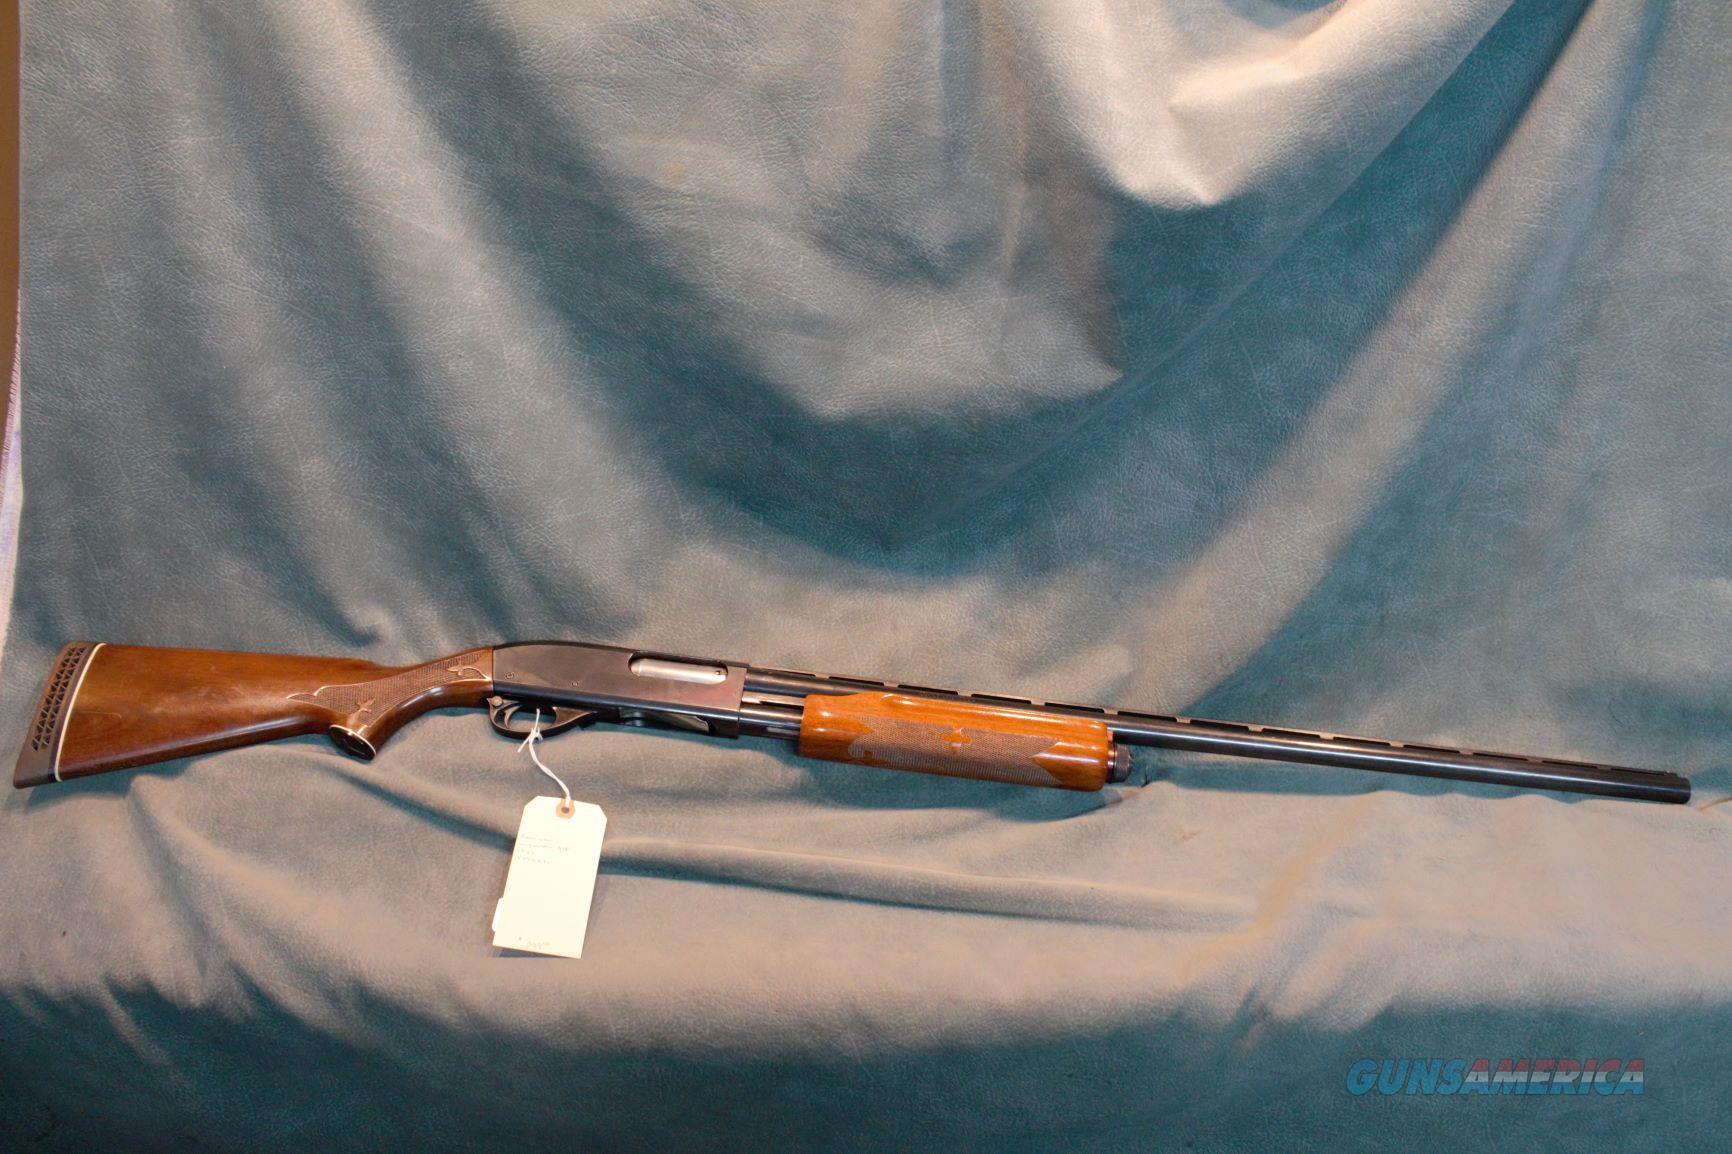 Remington 870 Wingmaster 12 gauge  Guns > Shotguns > Remington Shotguns  > Pump > Hunting